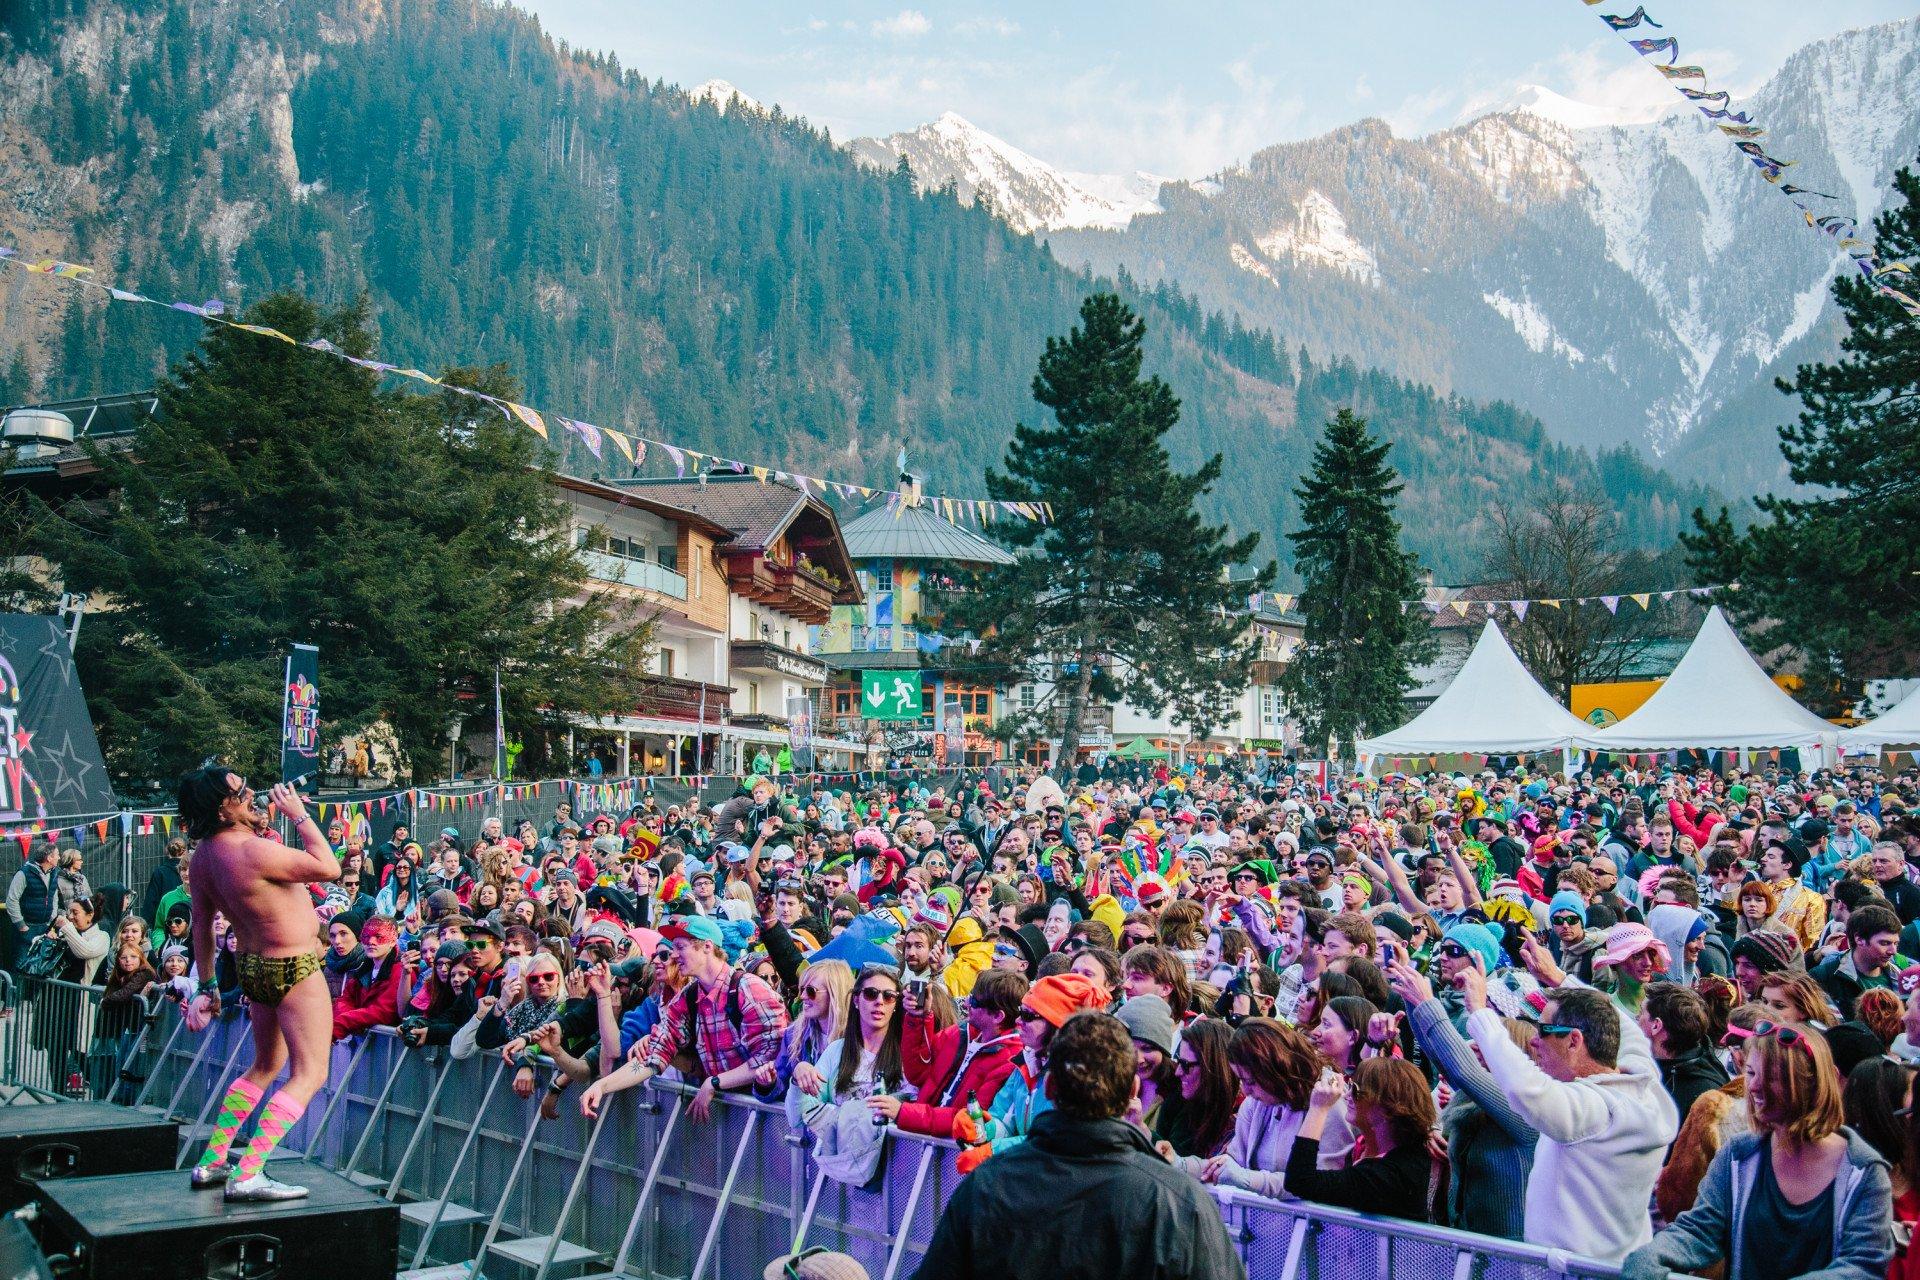 фестиваль Snowbombing